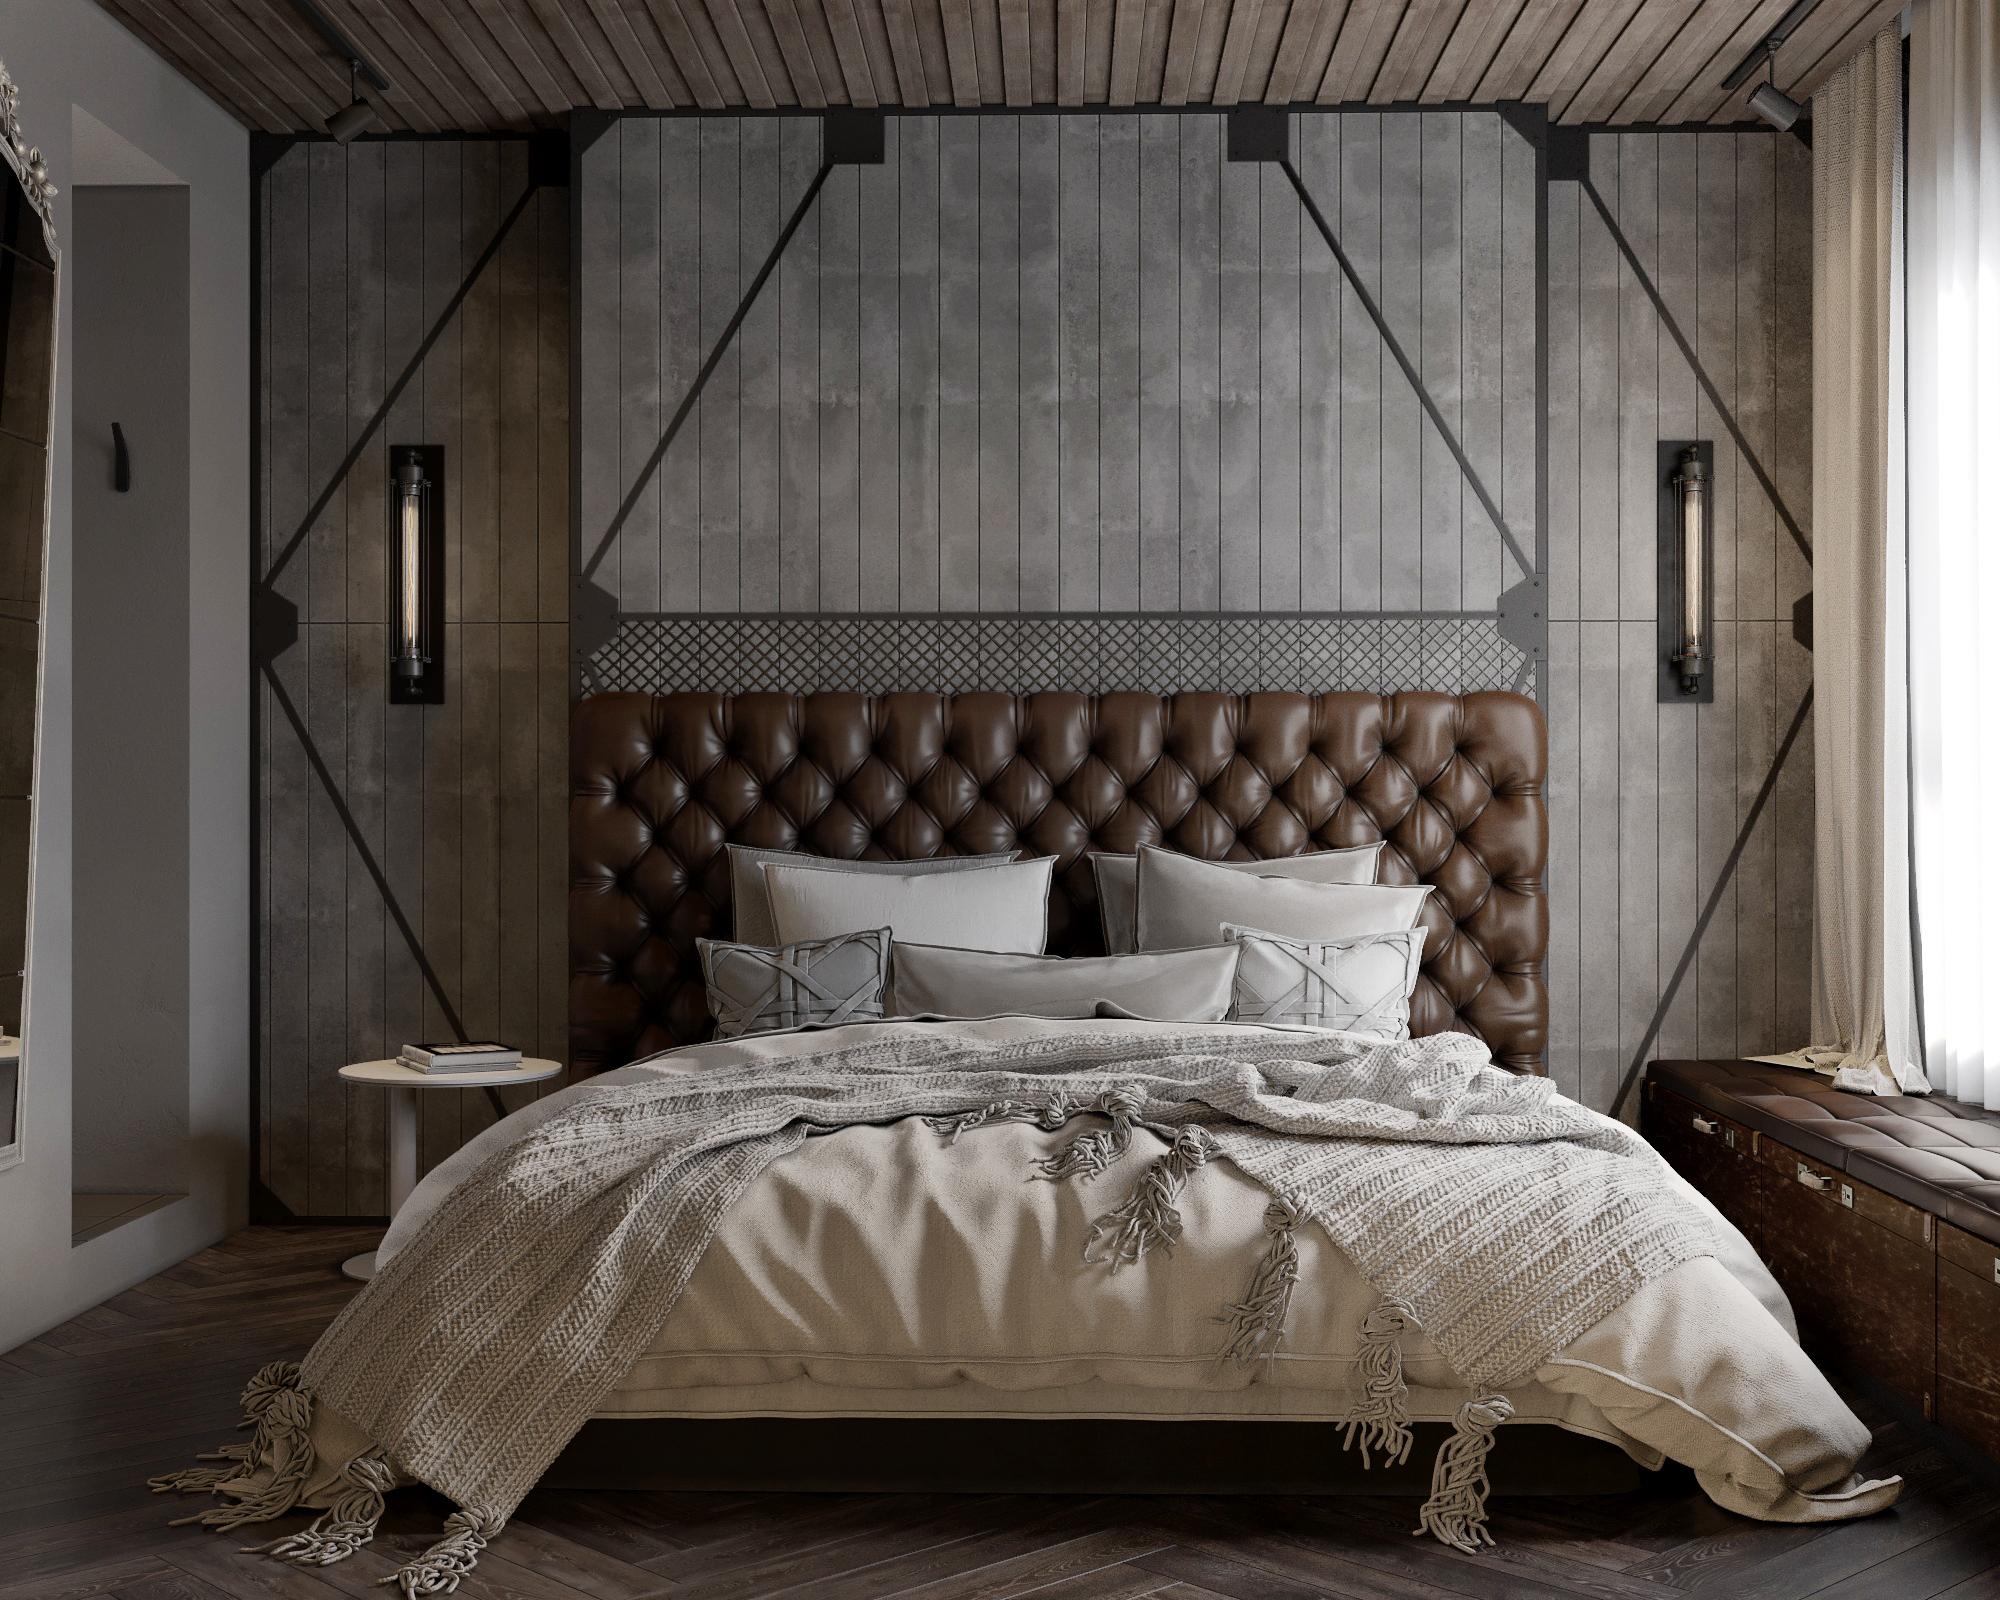 thiết kế phòng ngủ nội thất theo phong cách công nghiệp